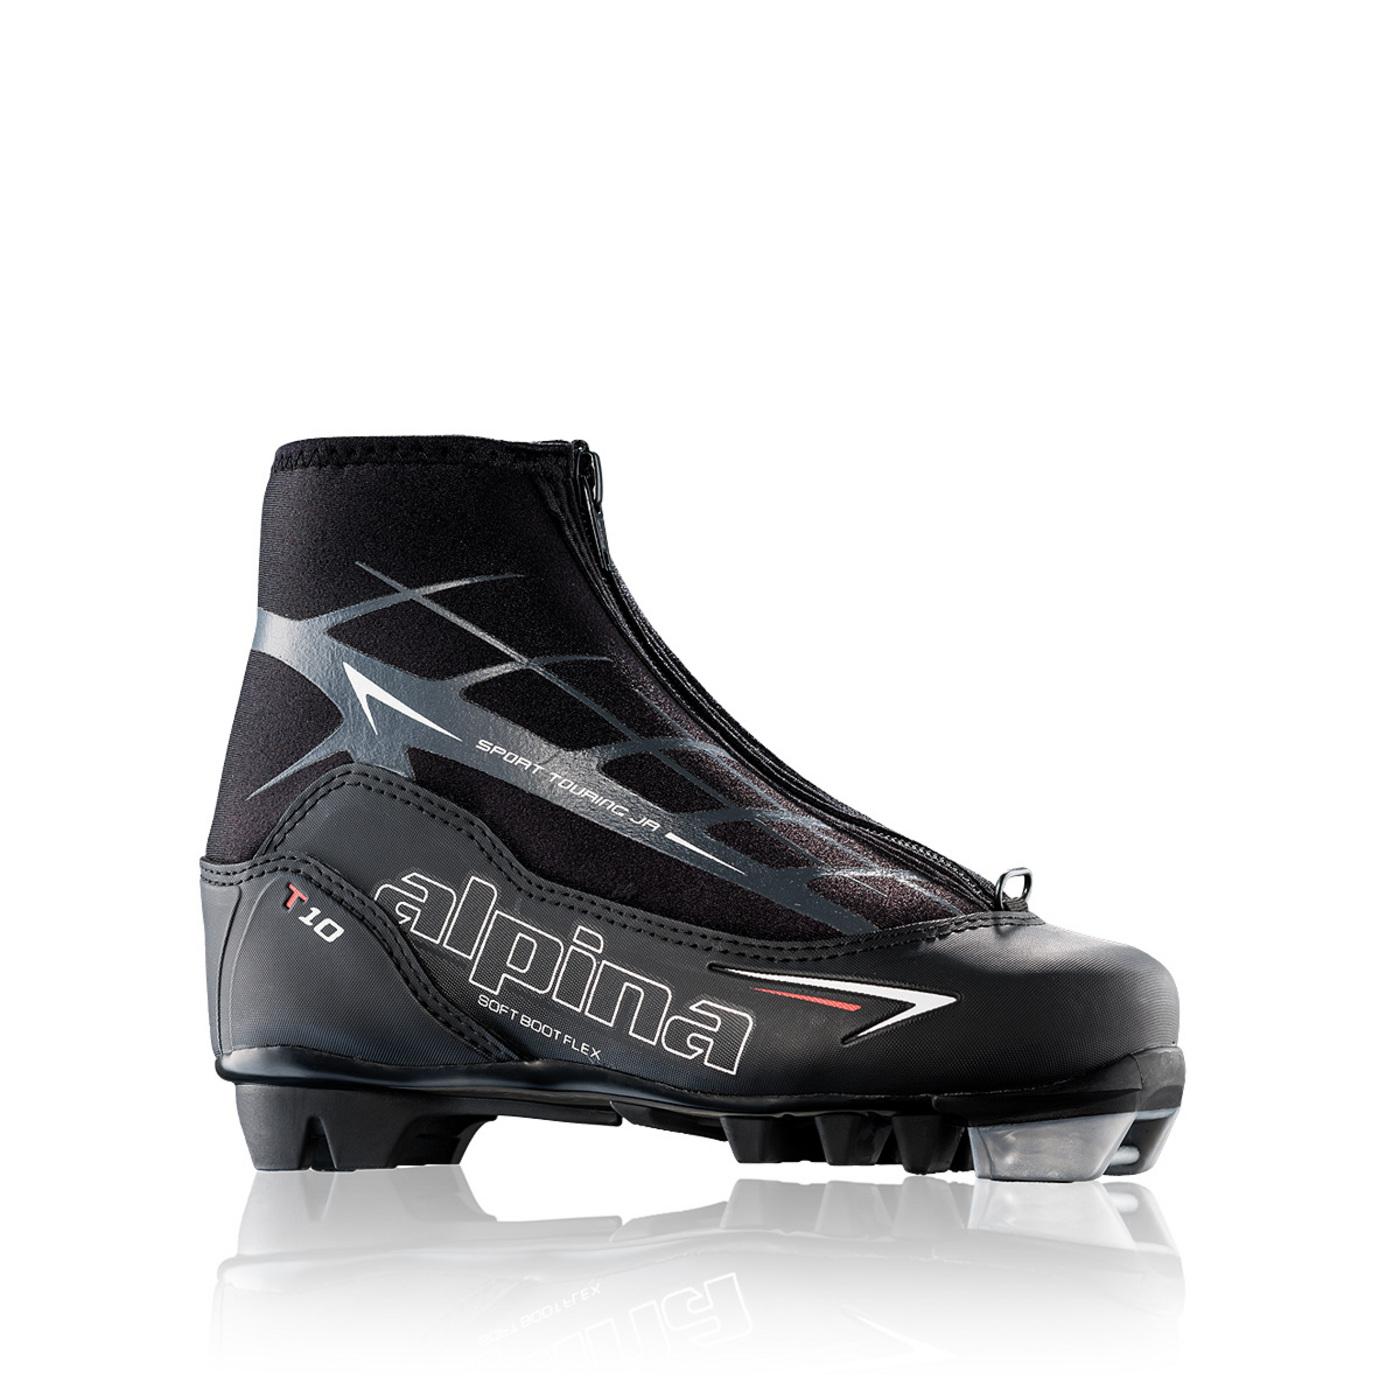 Alpina T Junior Nordic Boots Fontana Sports - Alpina nordic boots